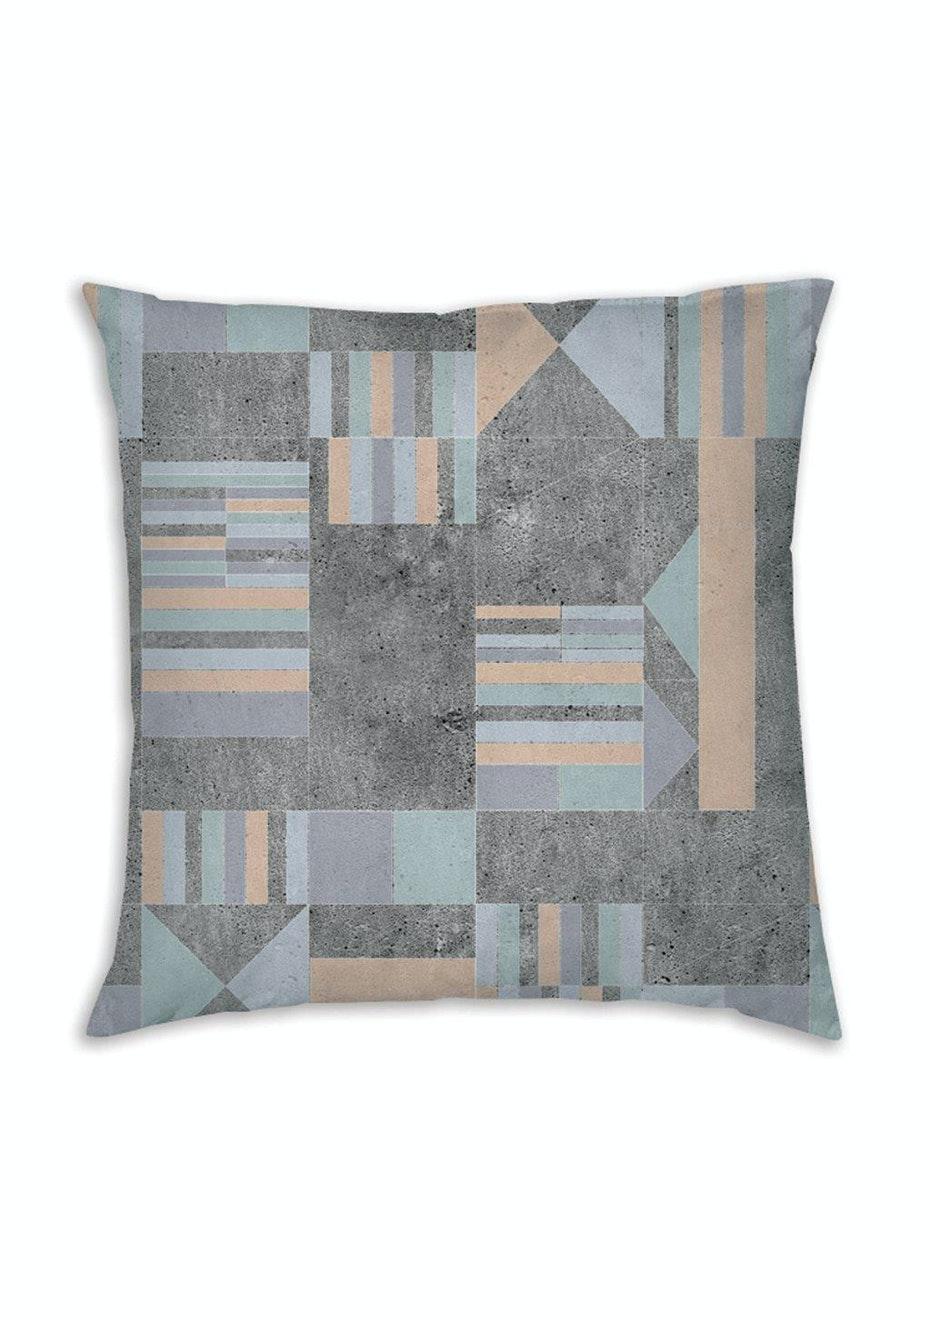 Me & My Trend - Blush Concrete Park Cushion